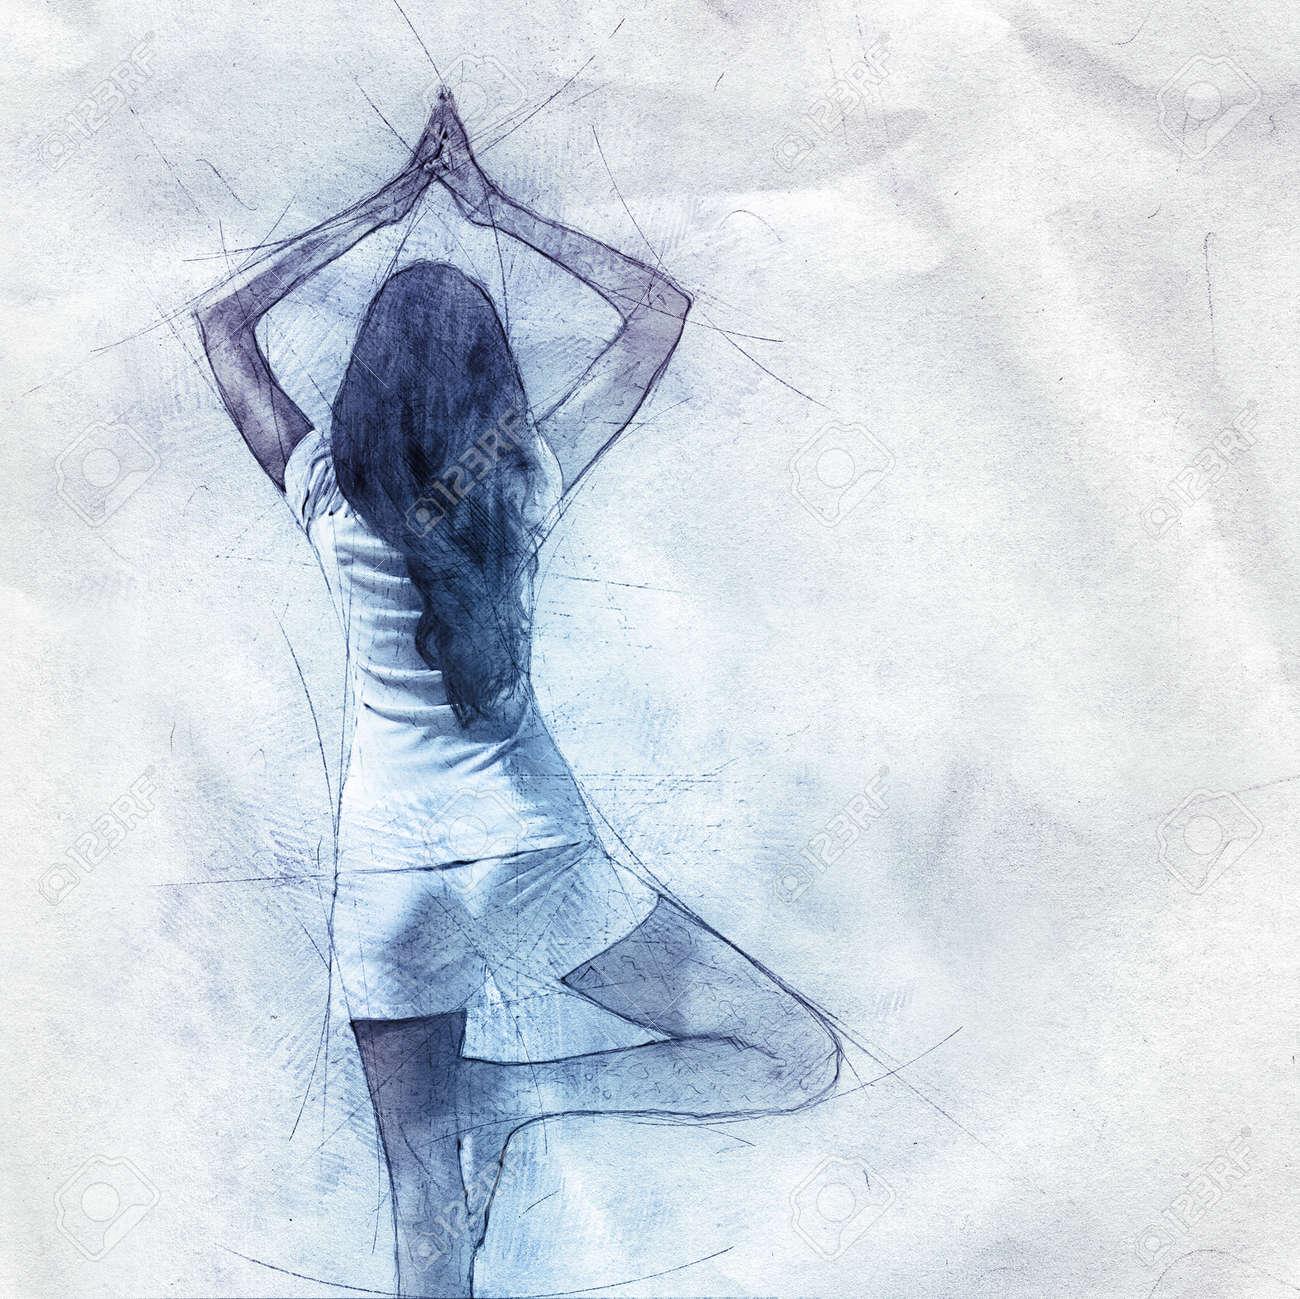 Dessin D Esquisse Au Crayon D Une Femme Faisant Du Yoga Debout En